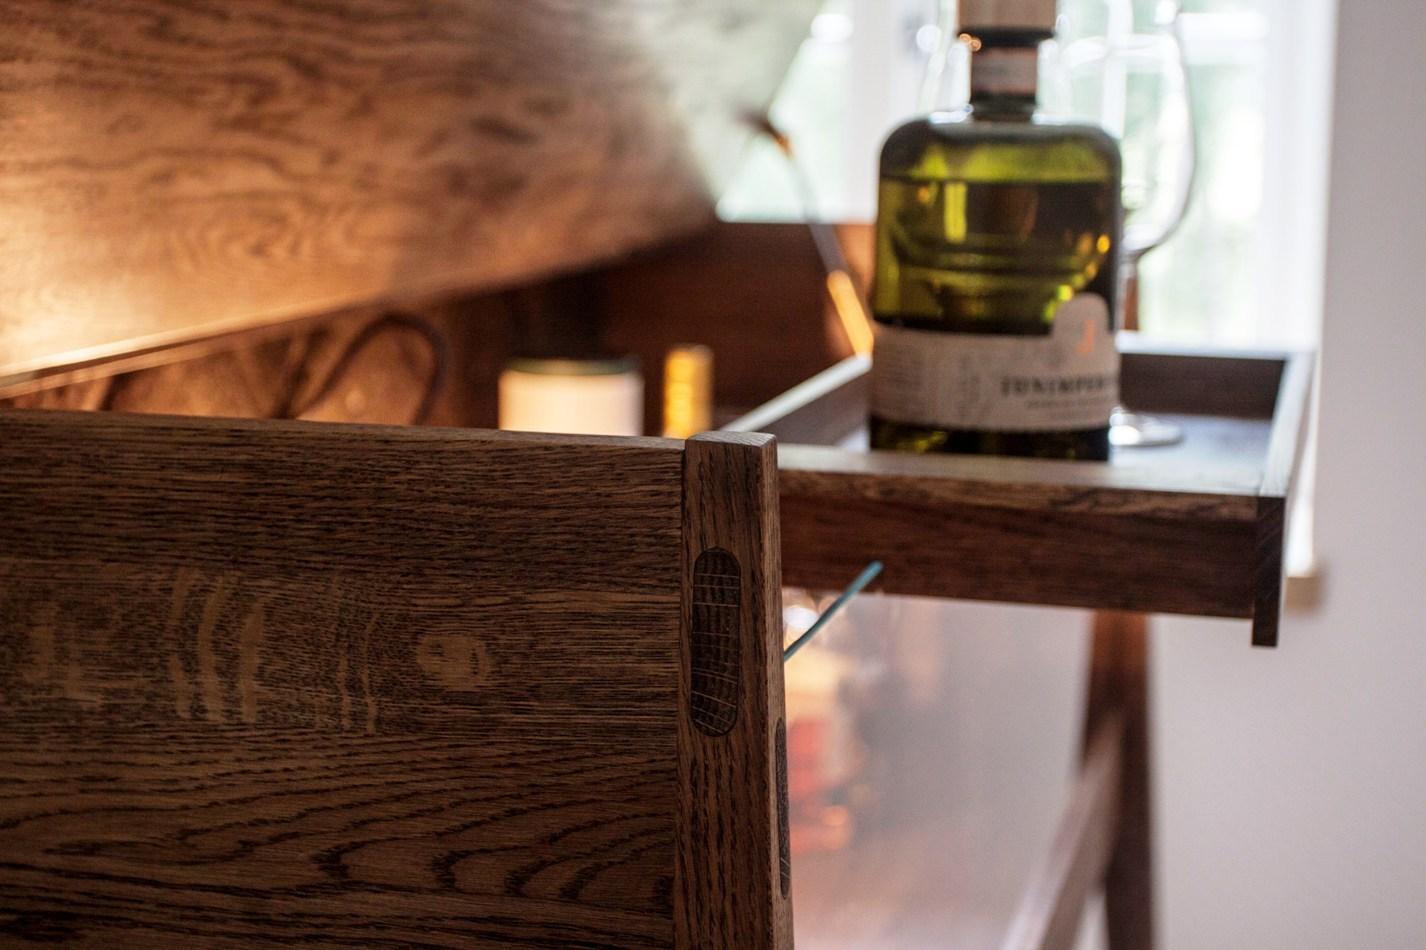 IMG_9620bar-cabinet-minibar-home-bar-sideboard-buffet-baarikapp-whiskey-bar-cabinet-mid-century-19